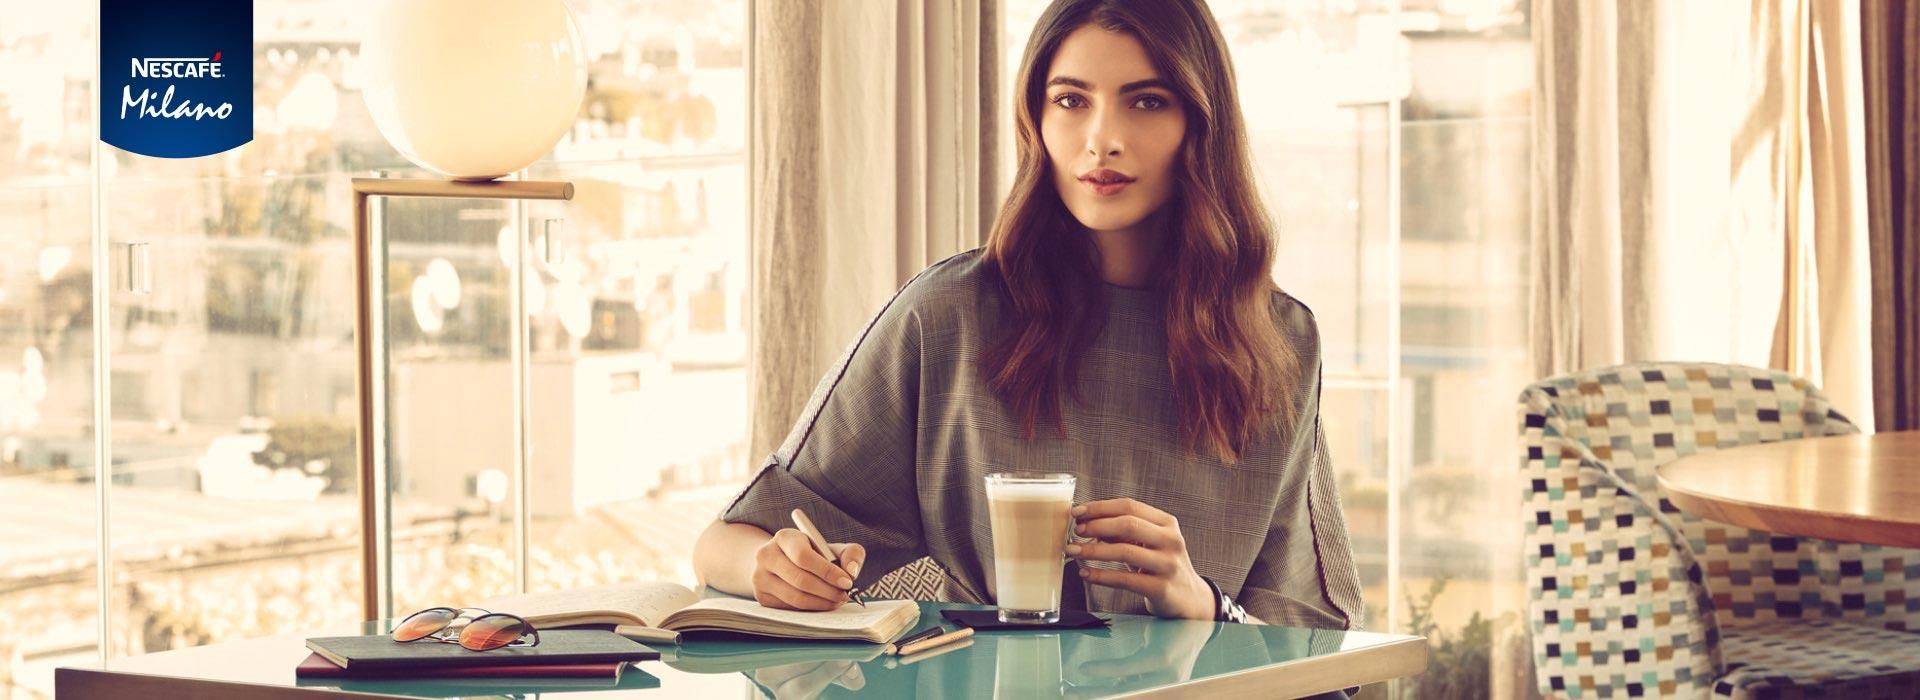 servizio fotografico advertising campagna pubblicitaria below the line Nescafé COMBI